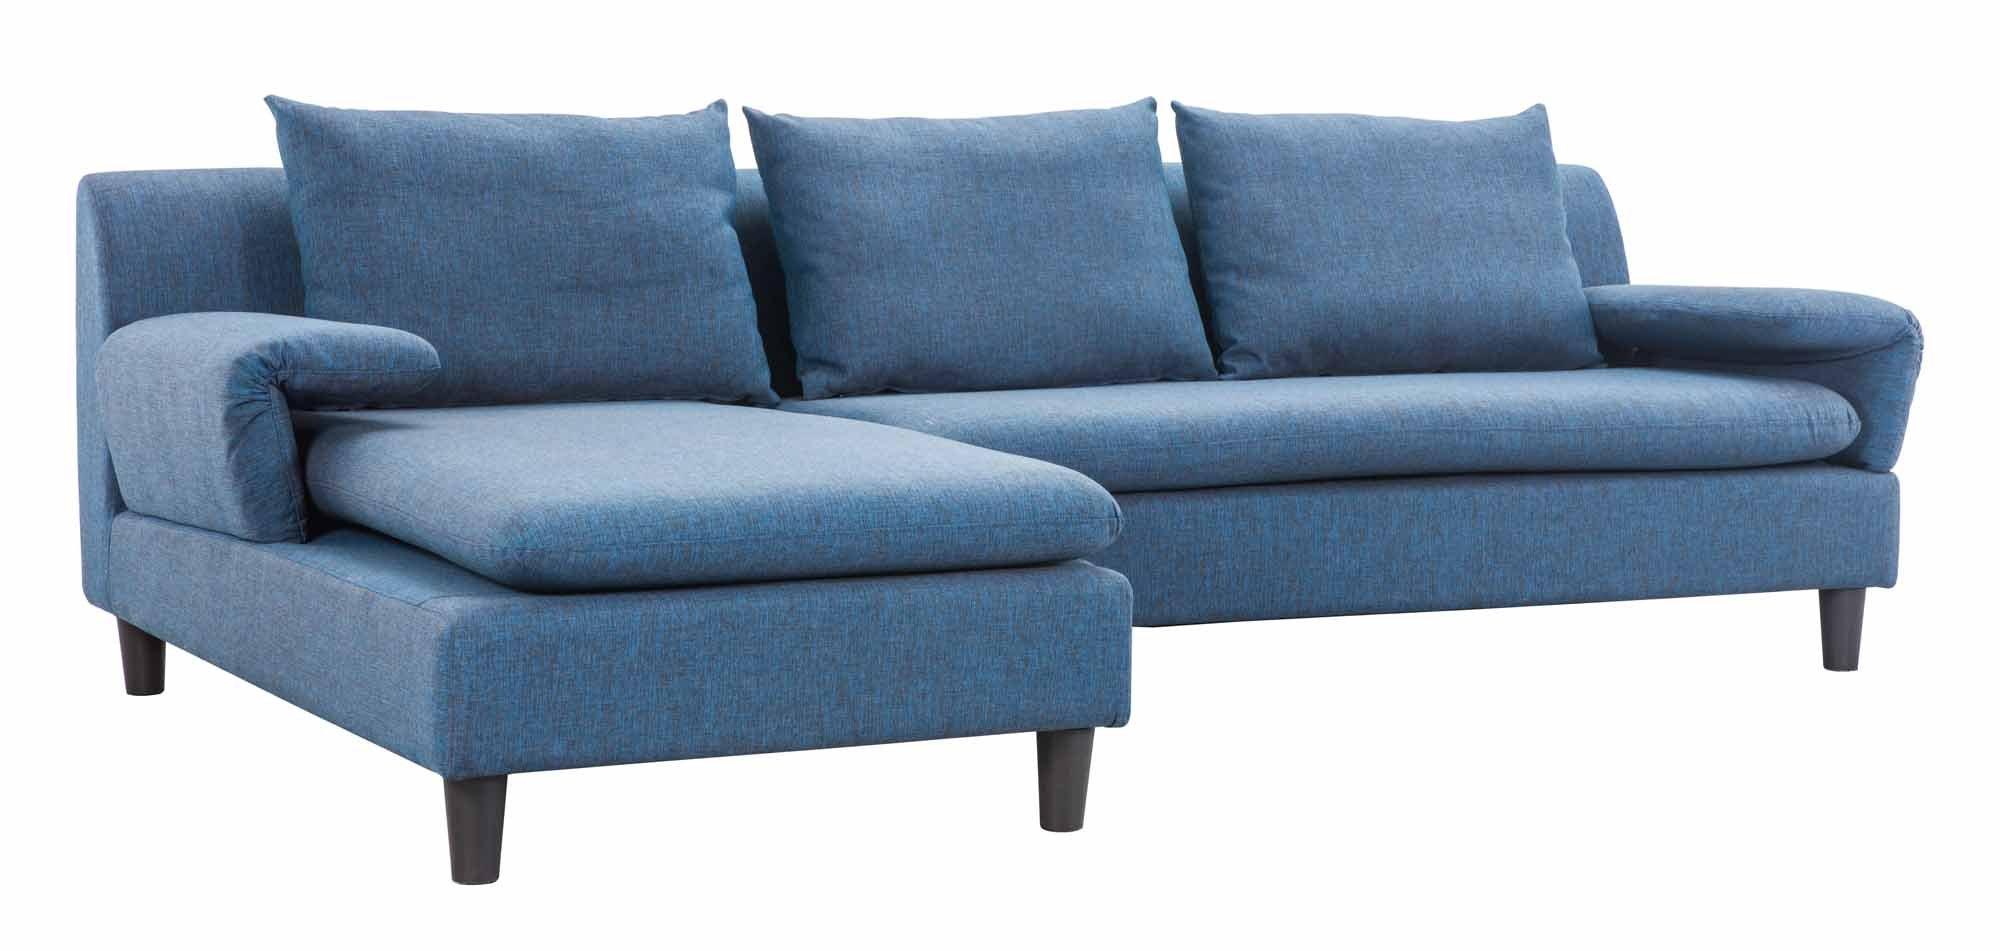 Axiom sofa cowboy blue by zuo modern